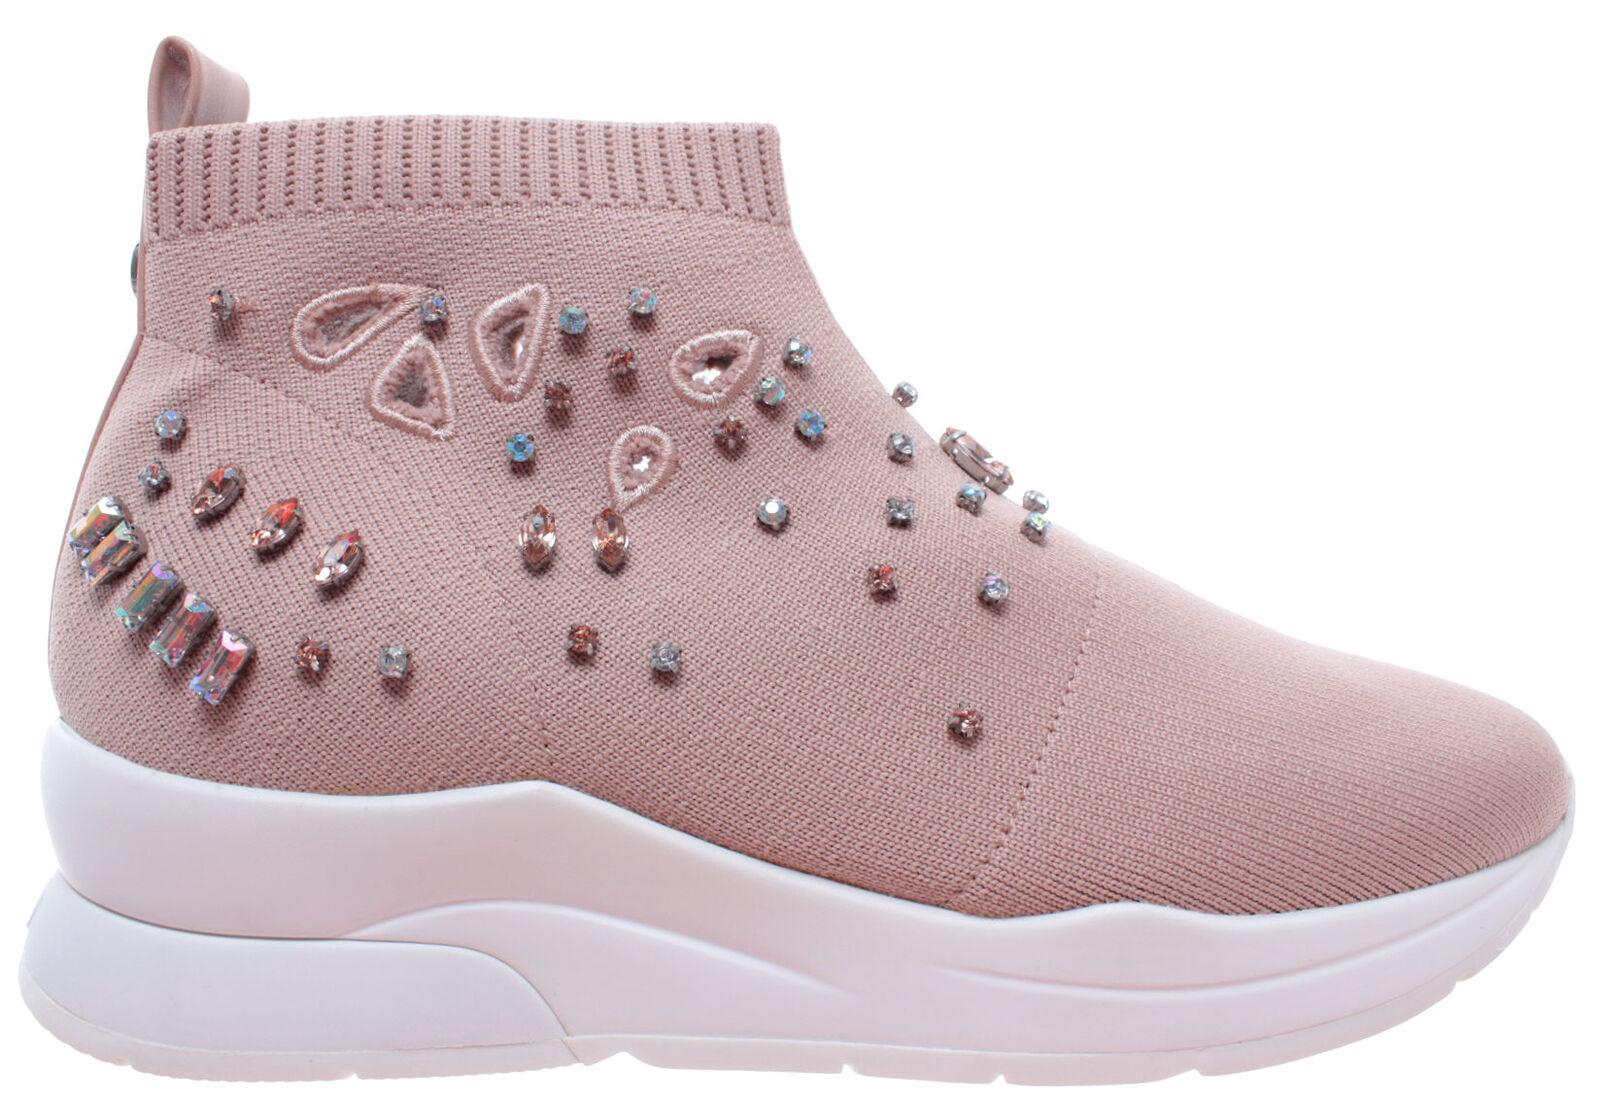 LIU LIU LIU JO Milano Karlie 15 Elastick Sock Fabric Peach rosado Zapatos Mujer zapatillas  excelentes precios